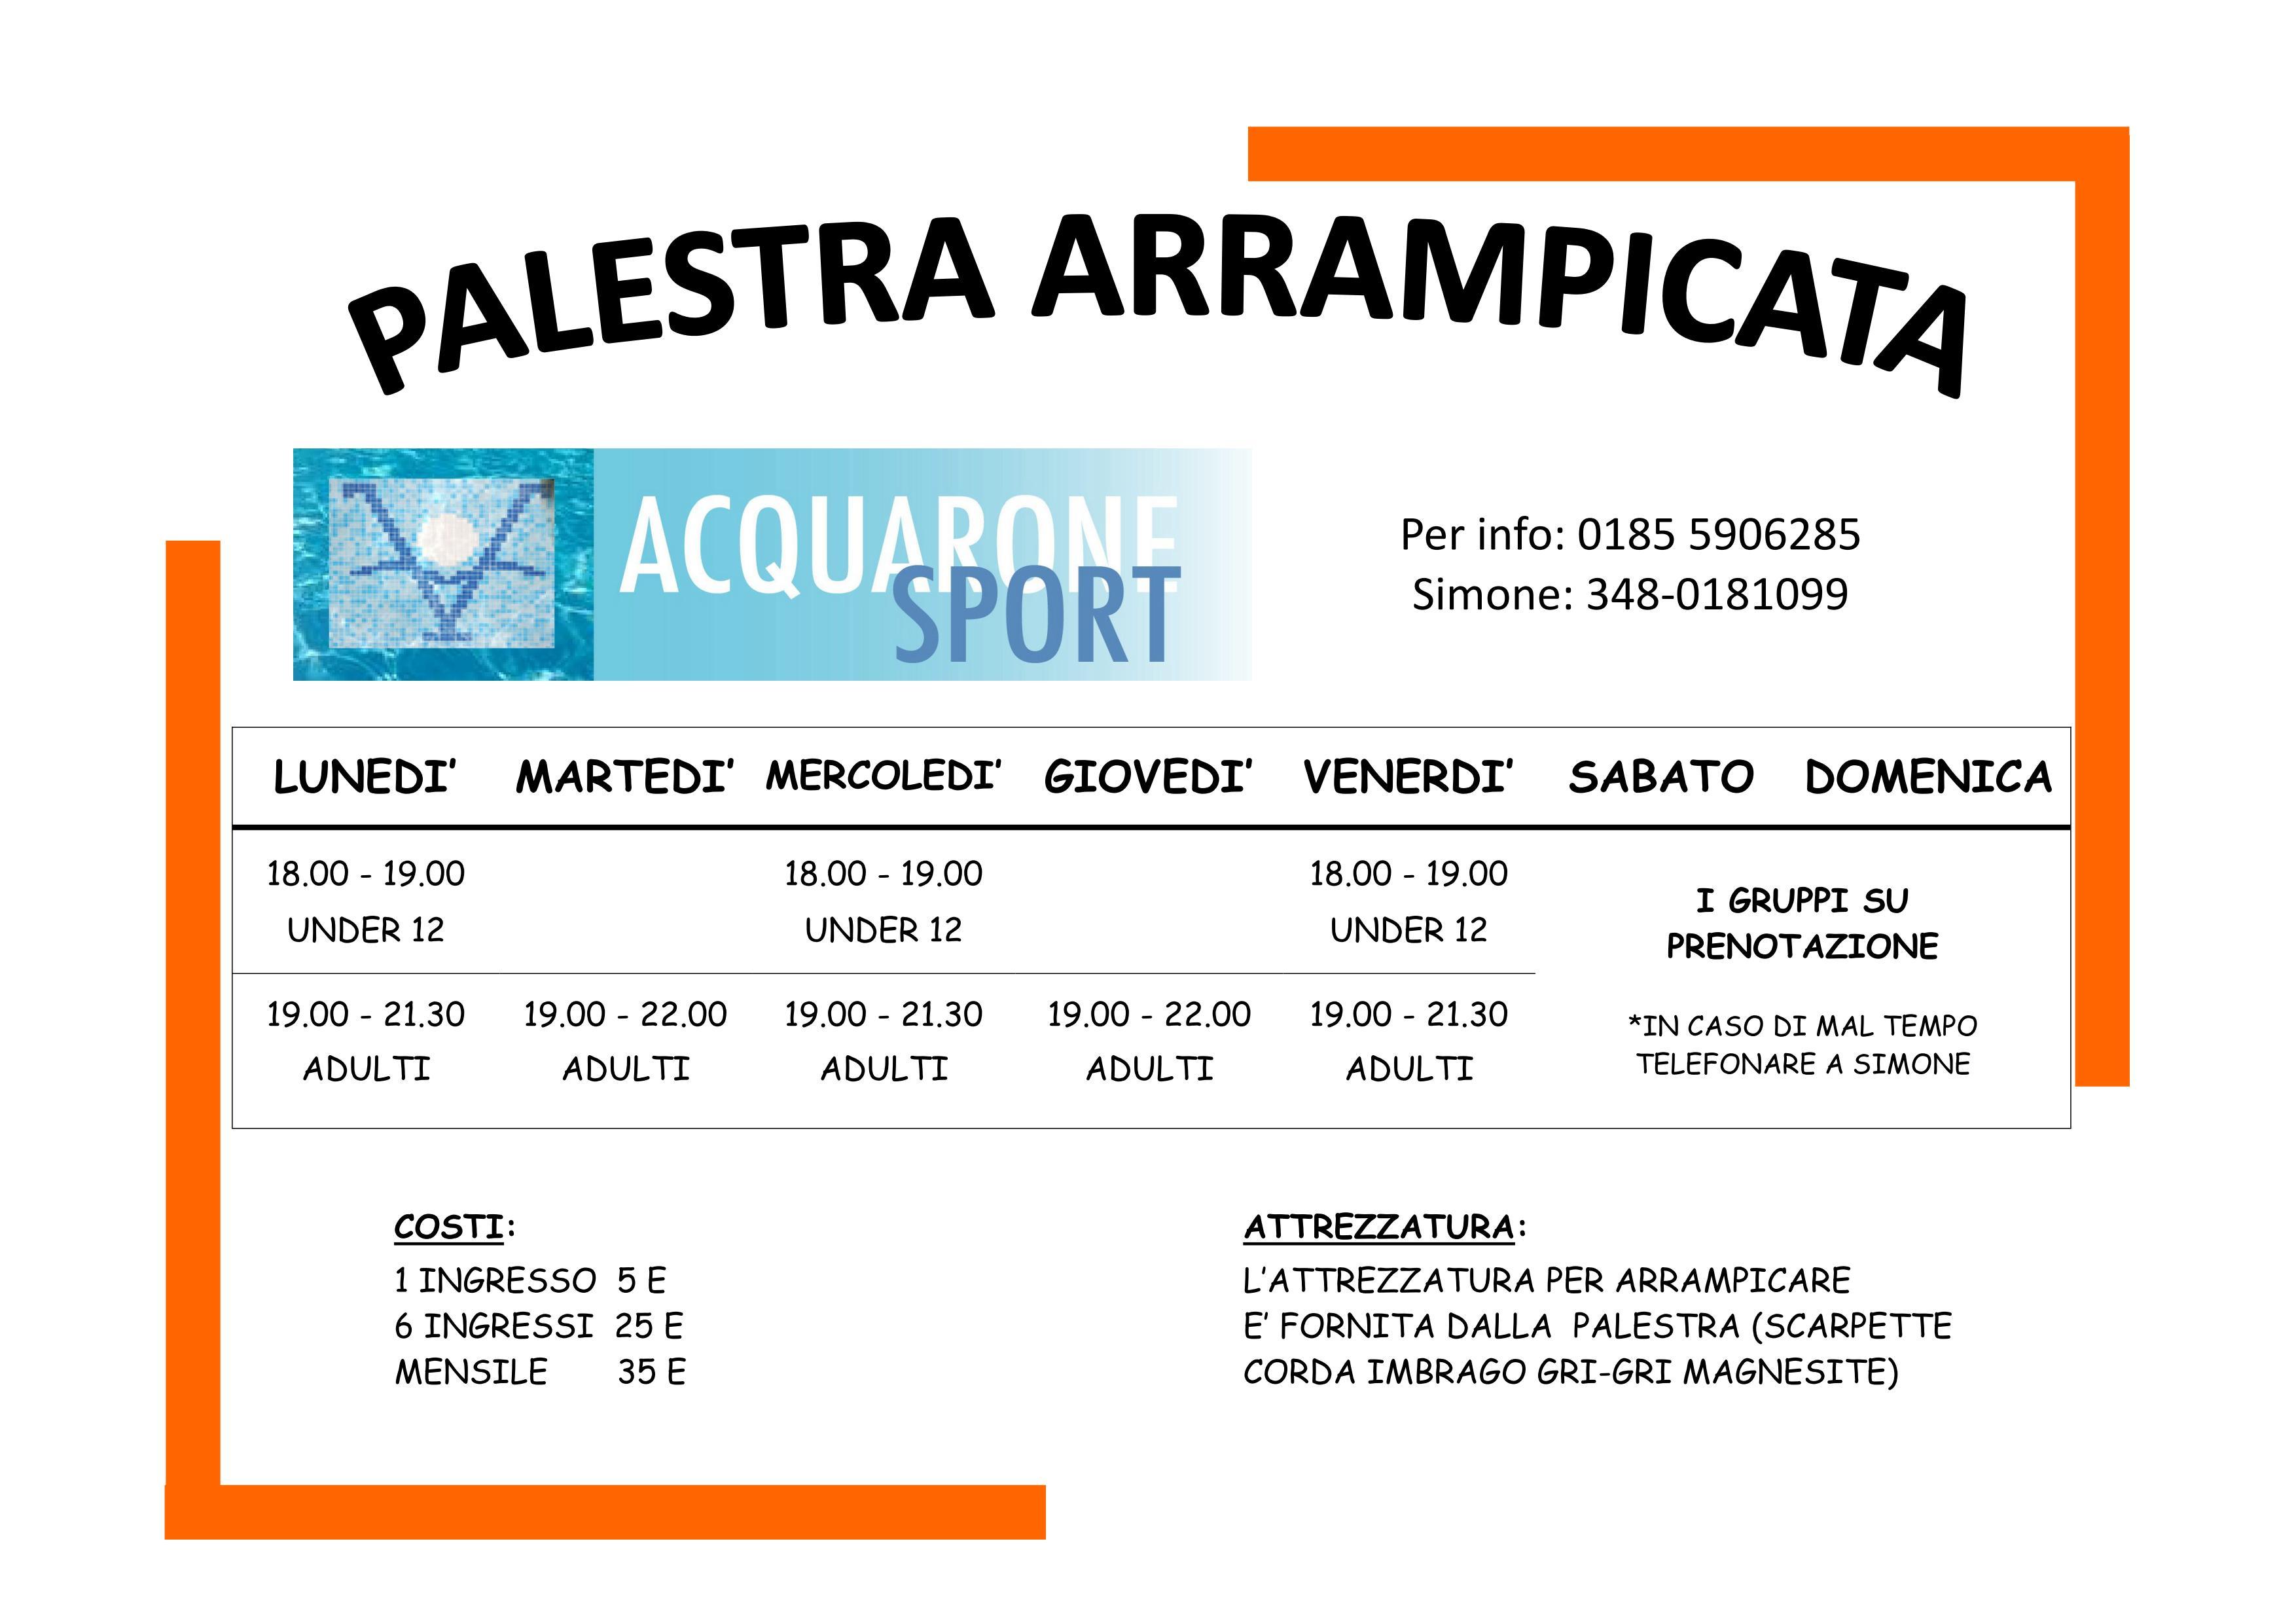 Acquarone Sport - Orario palestra arrampicata